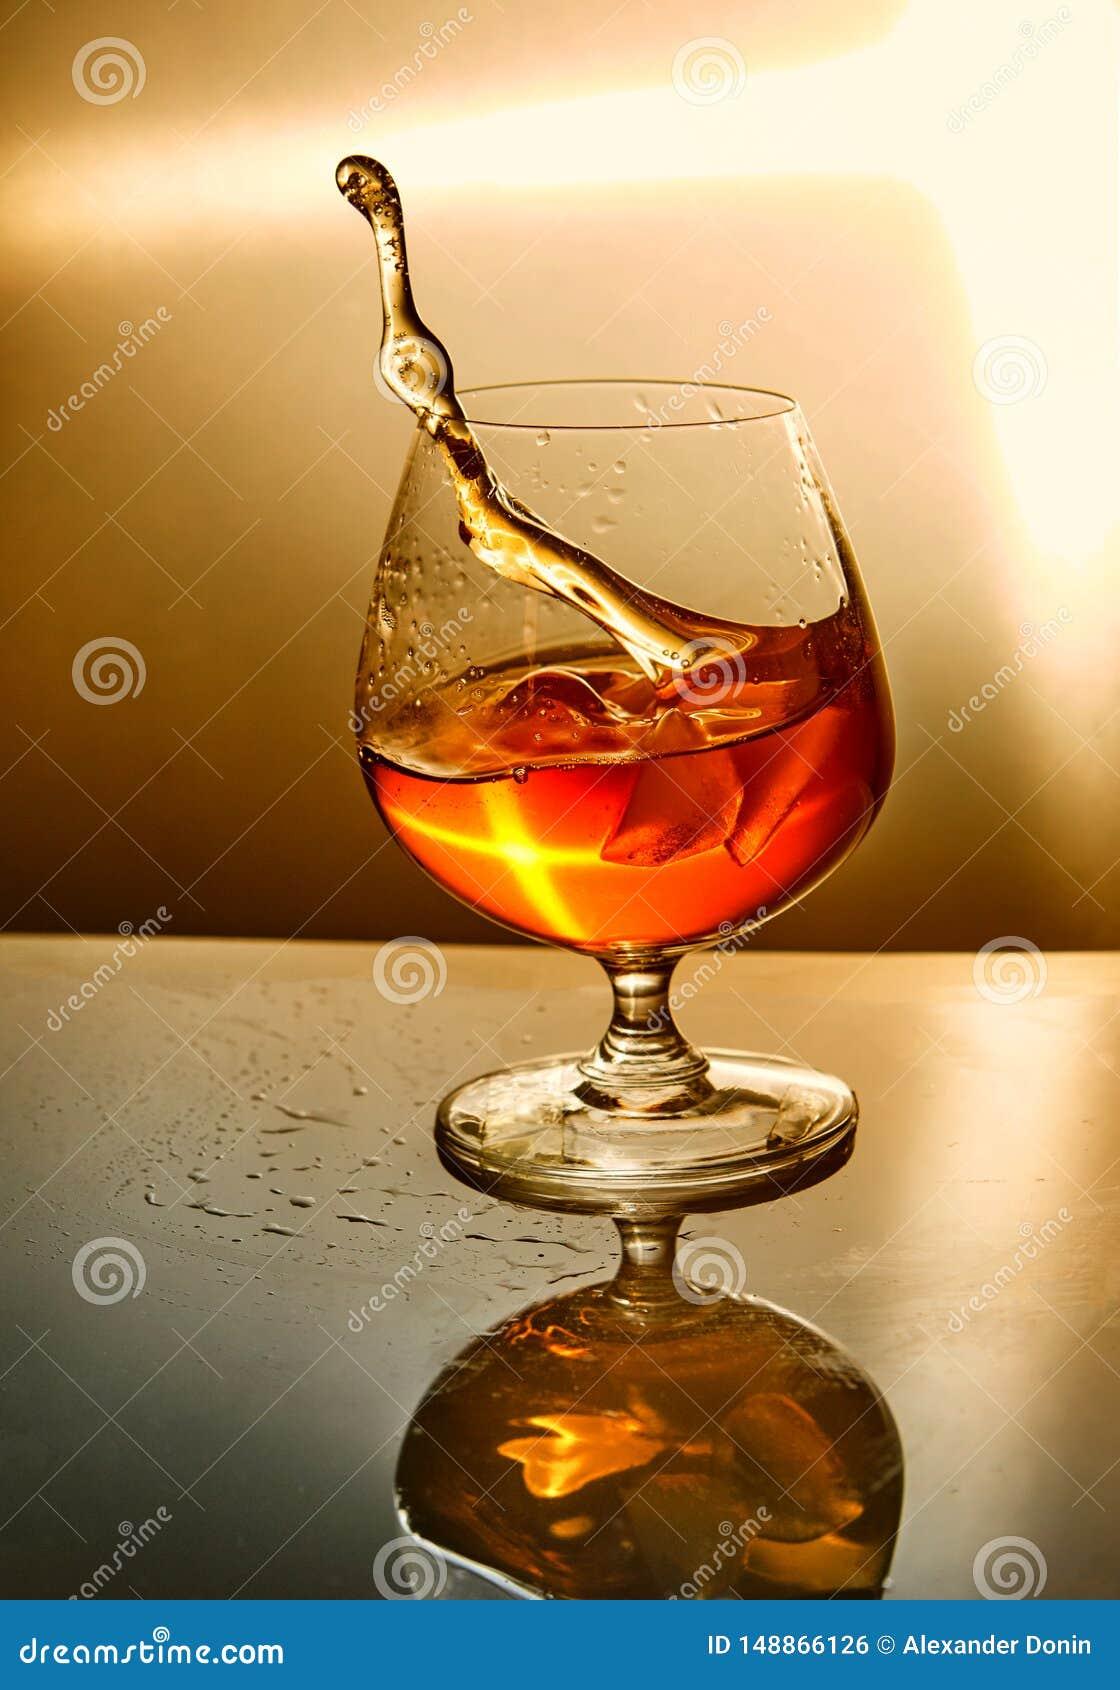 Verre de whiskey avec une vague sur un fond orange